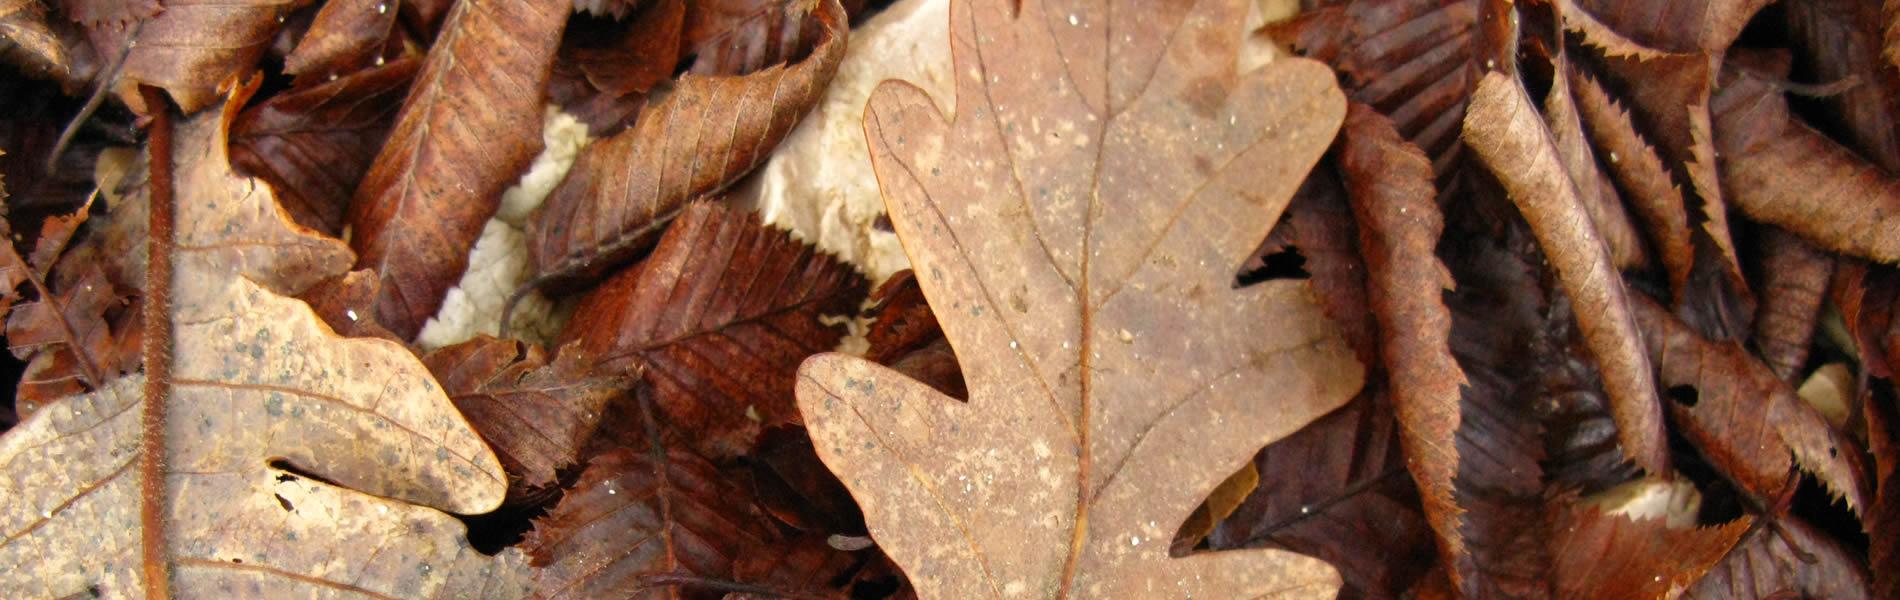 Πεσμένα φύλλα βελανιδιάς σε δάσος στα Ζαγοροχώρια